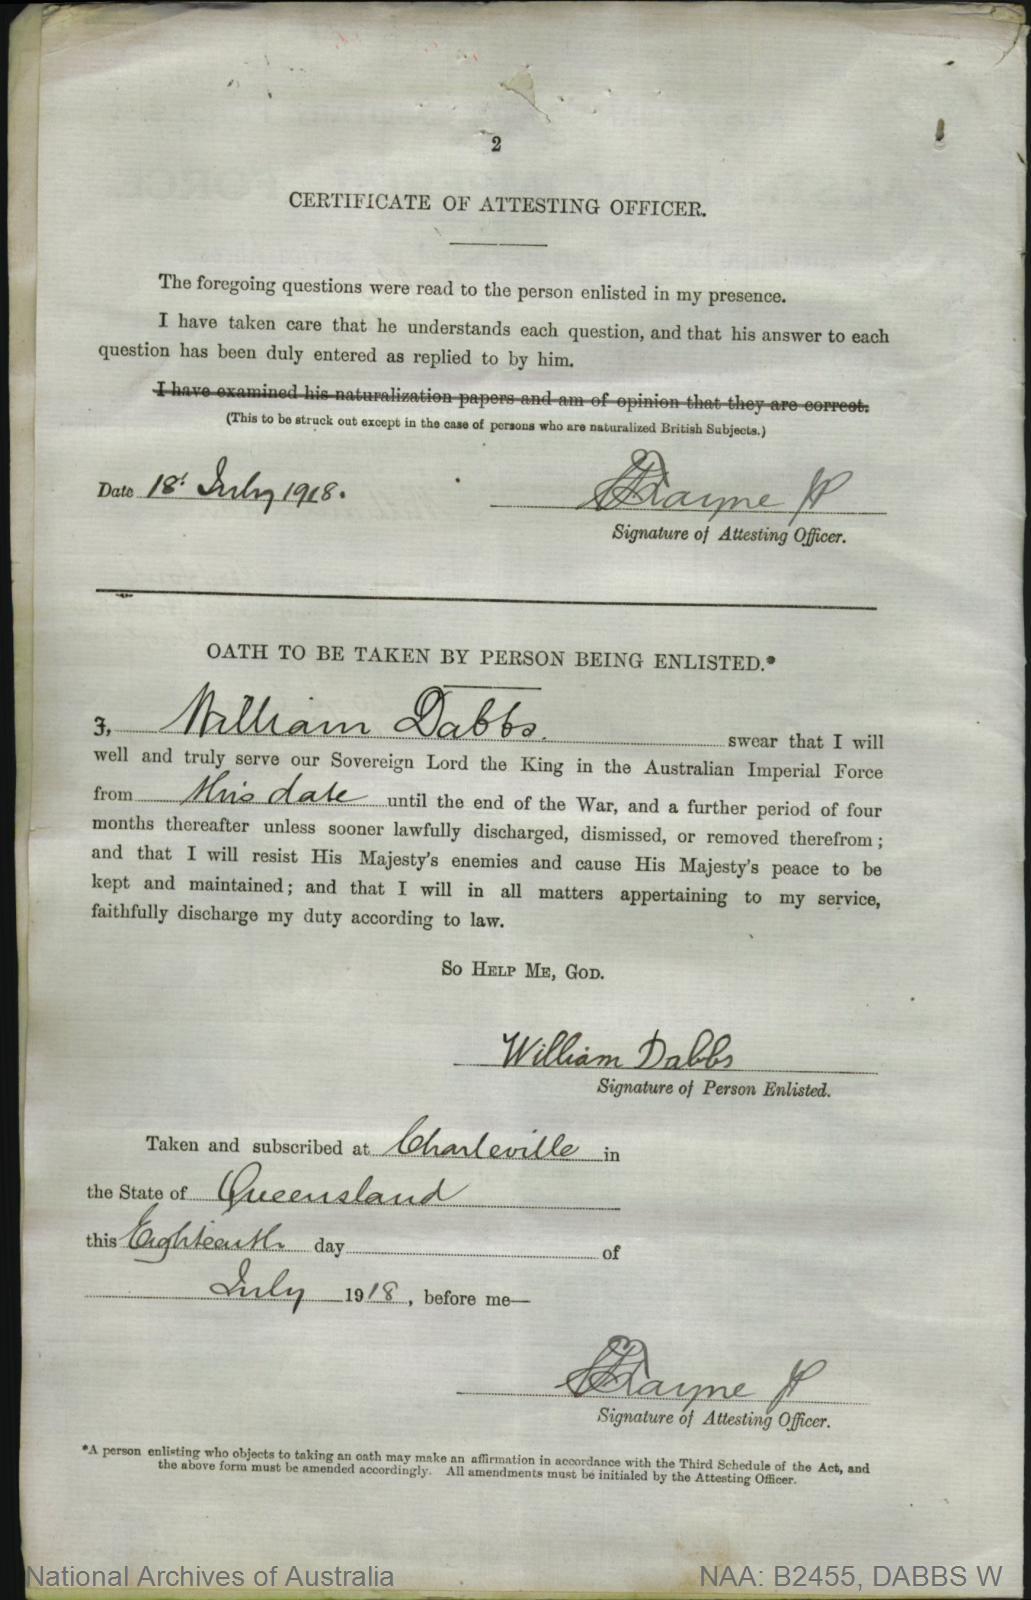 Dabbs William : SERN 28318 : POB Walford England : POE Charleville QLD : NOK N/A